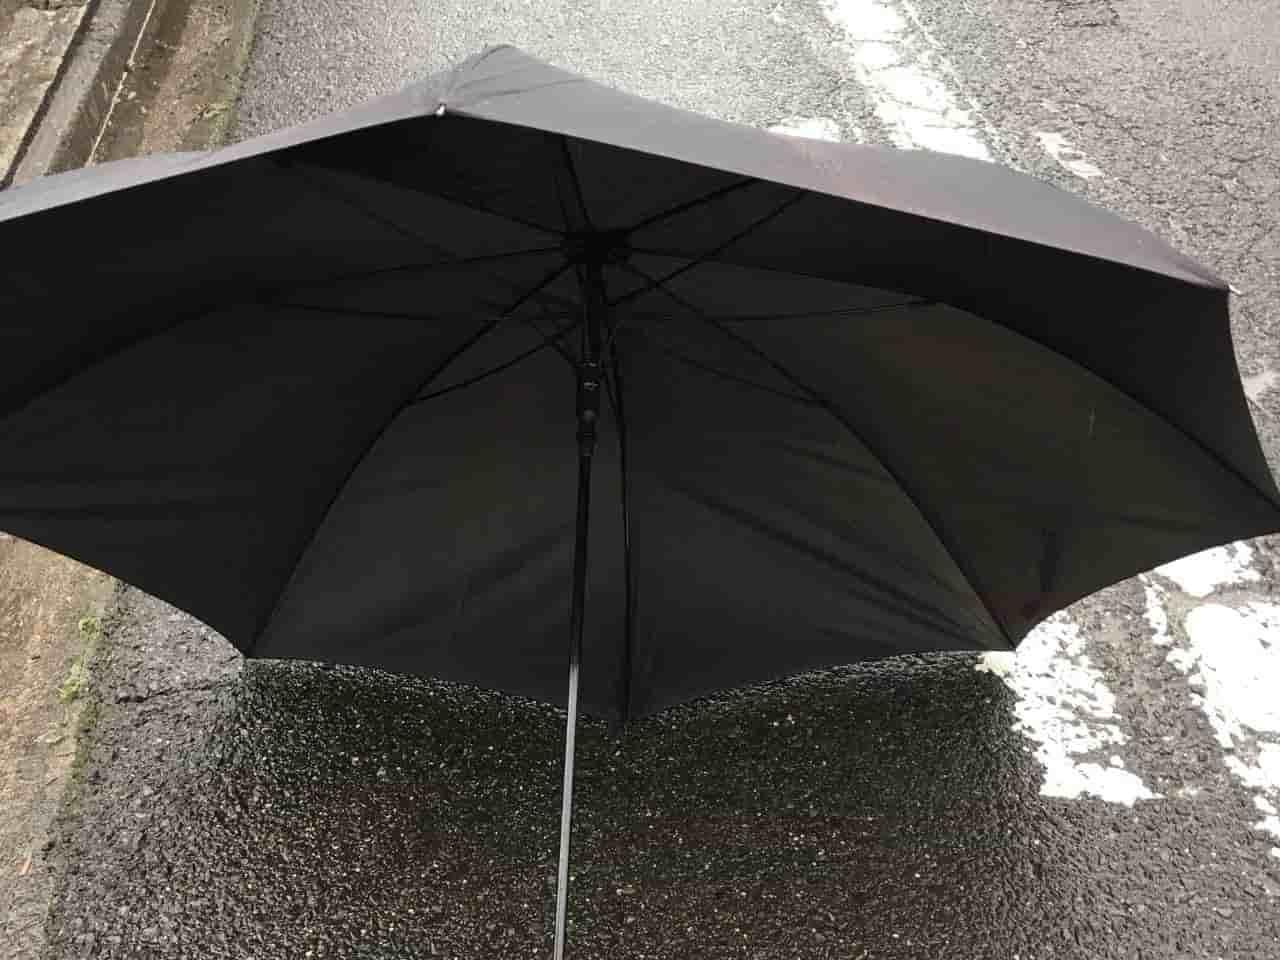 超大型の黒い傘